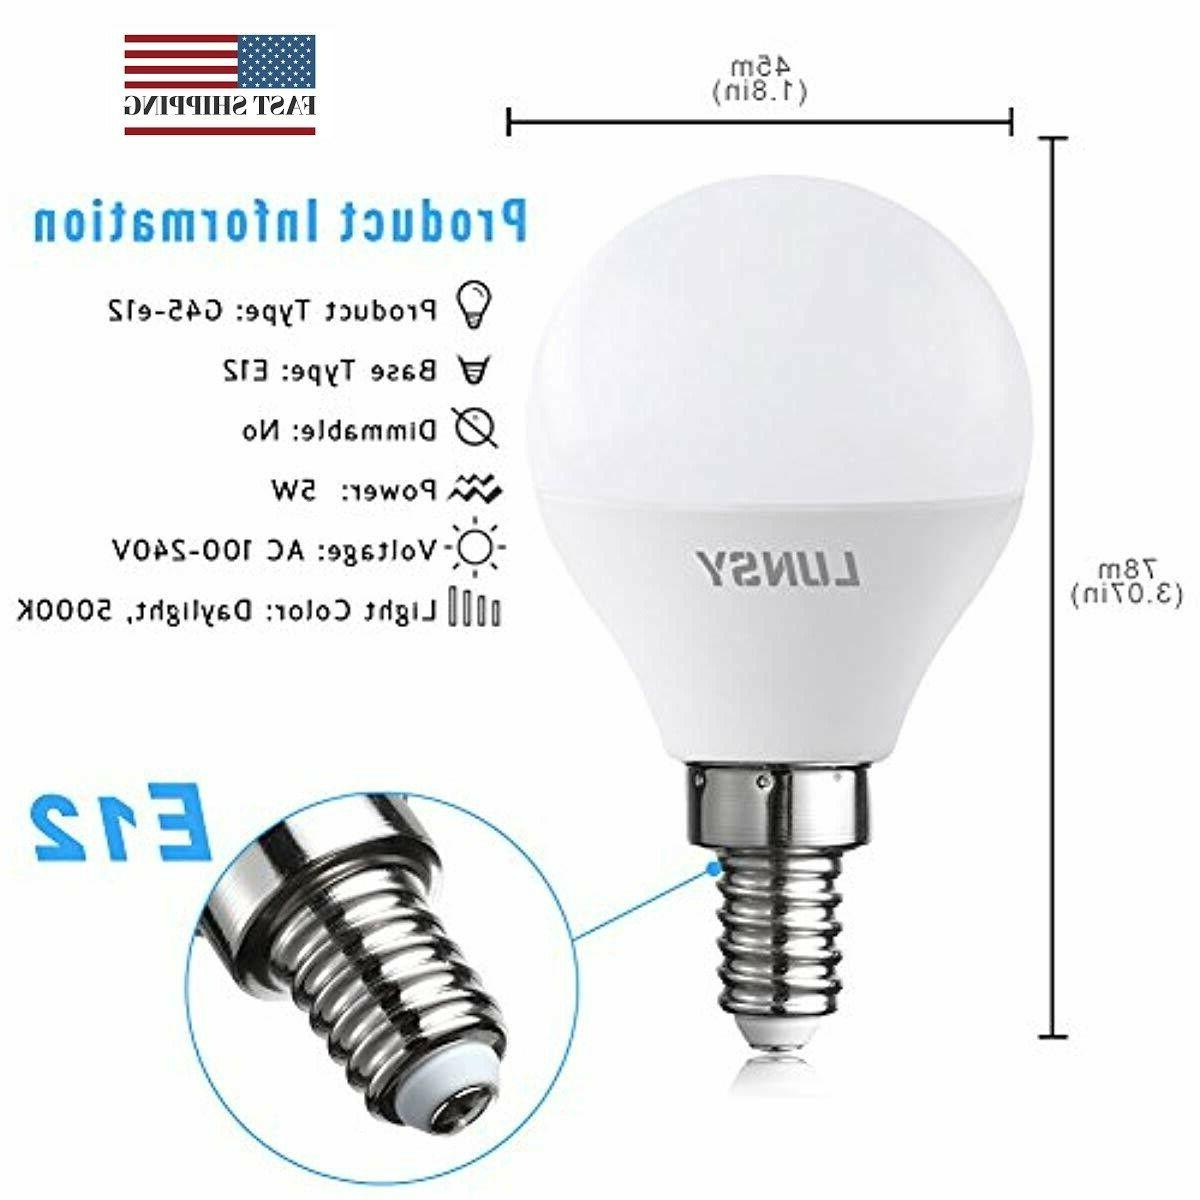 6 LED Candelabra E12 Bulb 50W Equivalent, Daylight Whit